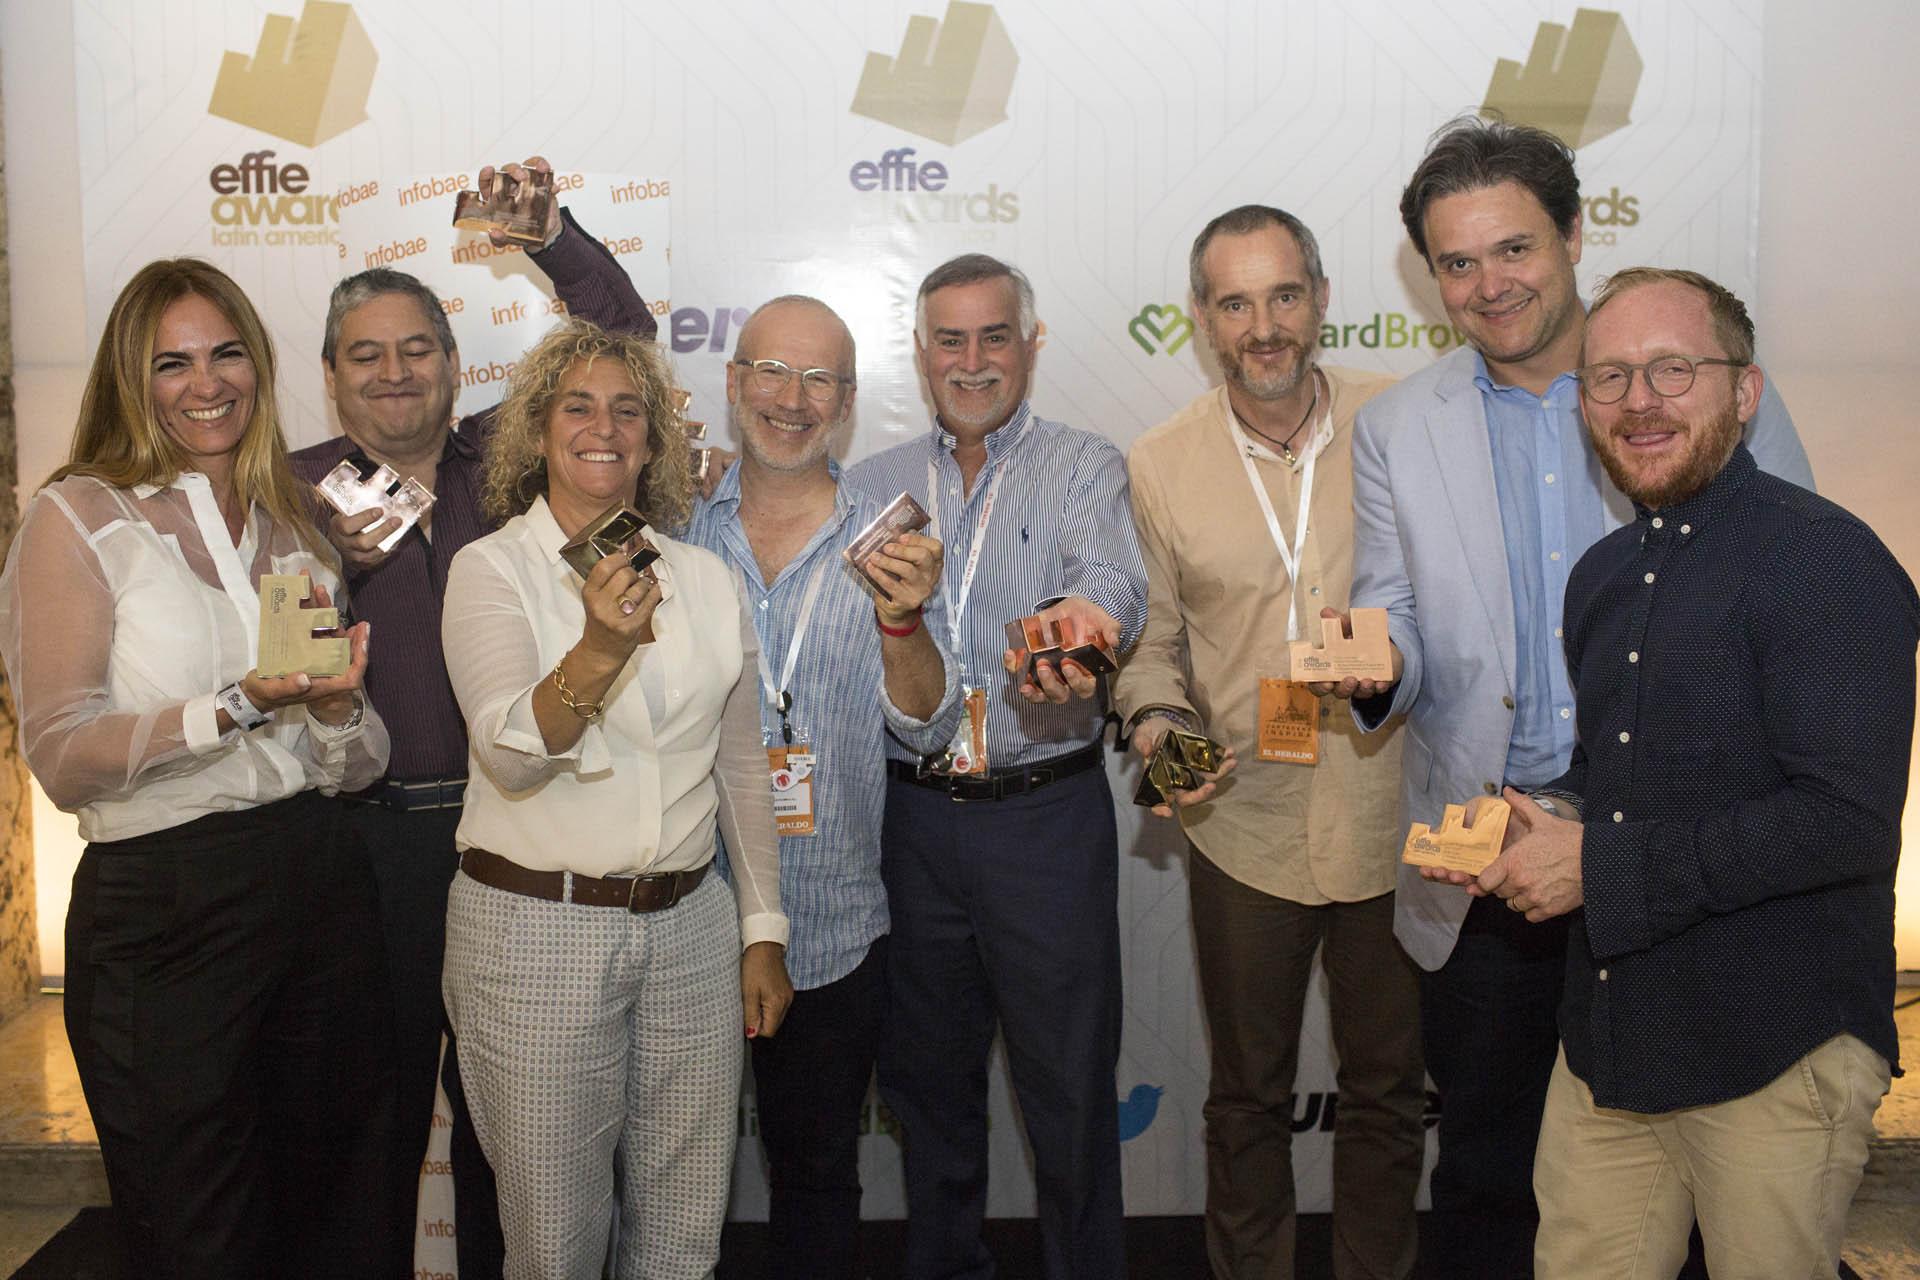 Tamara Ingram, Ceo Global, y Luis Pedro Toledo, VP Regional Planning, junto al equipo de J. Walter Thompson LatinAmerica después de recibir 3 oros y 4 bronces y 18 campañas finalistas.